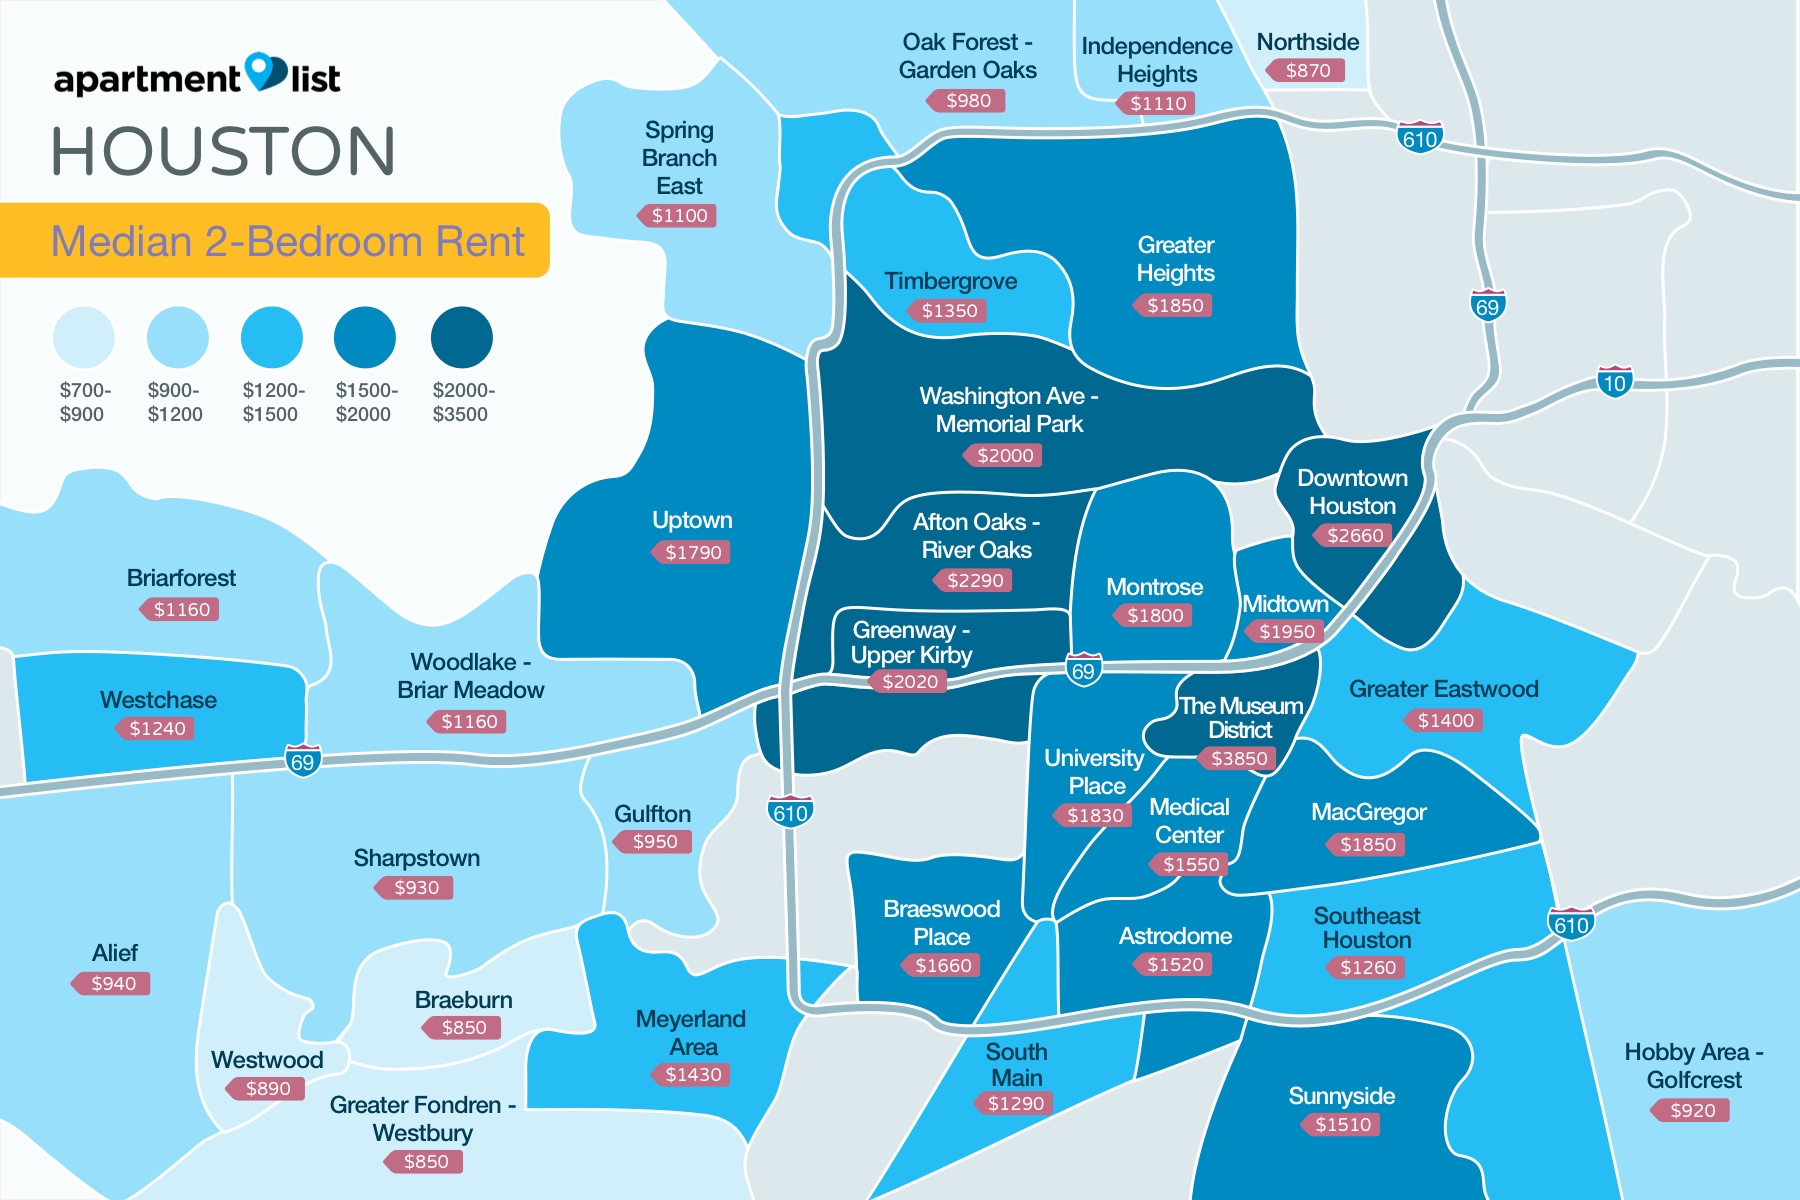 Houston Neighborhood Price Map